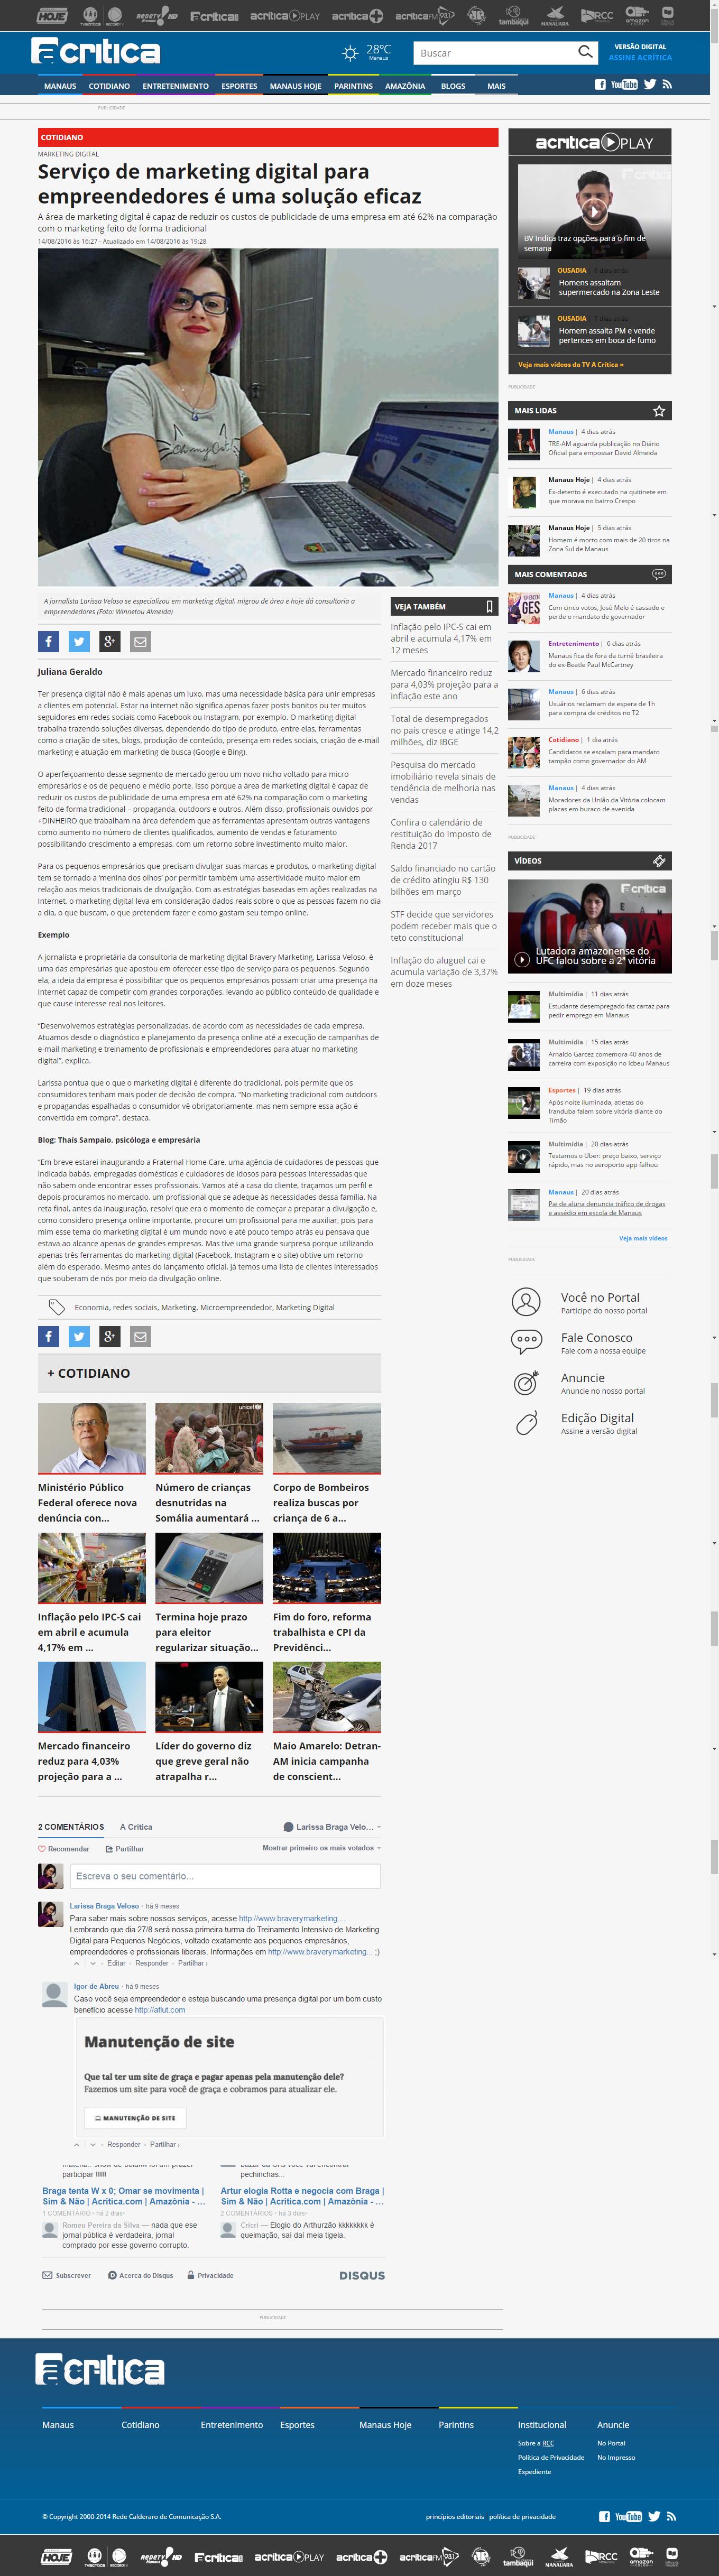 acritica-channels-cotidiano-news-servico-de-marketing-digital-para-pequenos-negocios-e-uma-solucao-eficaz